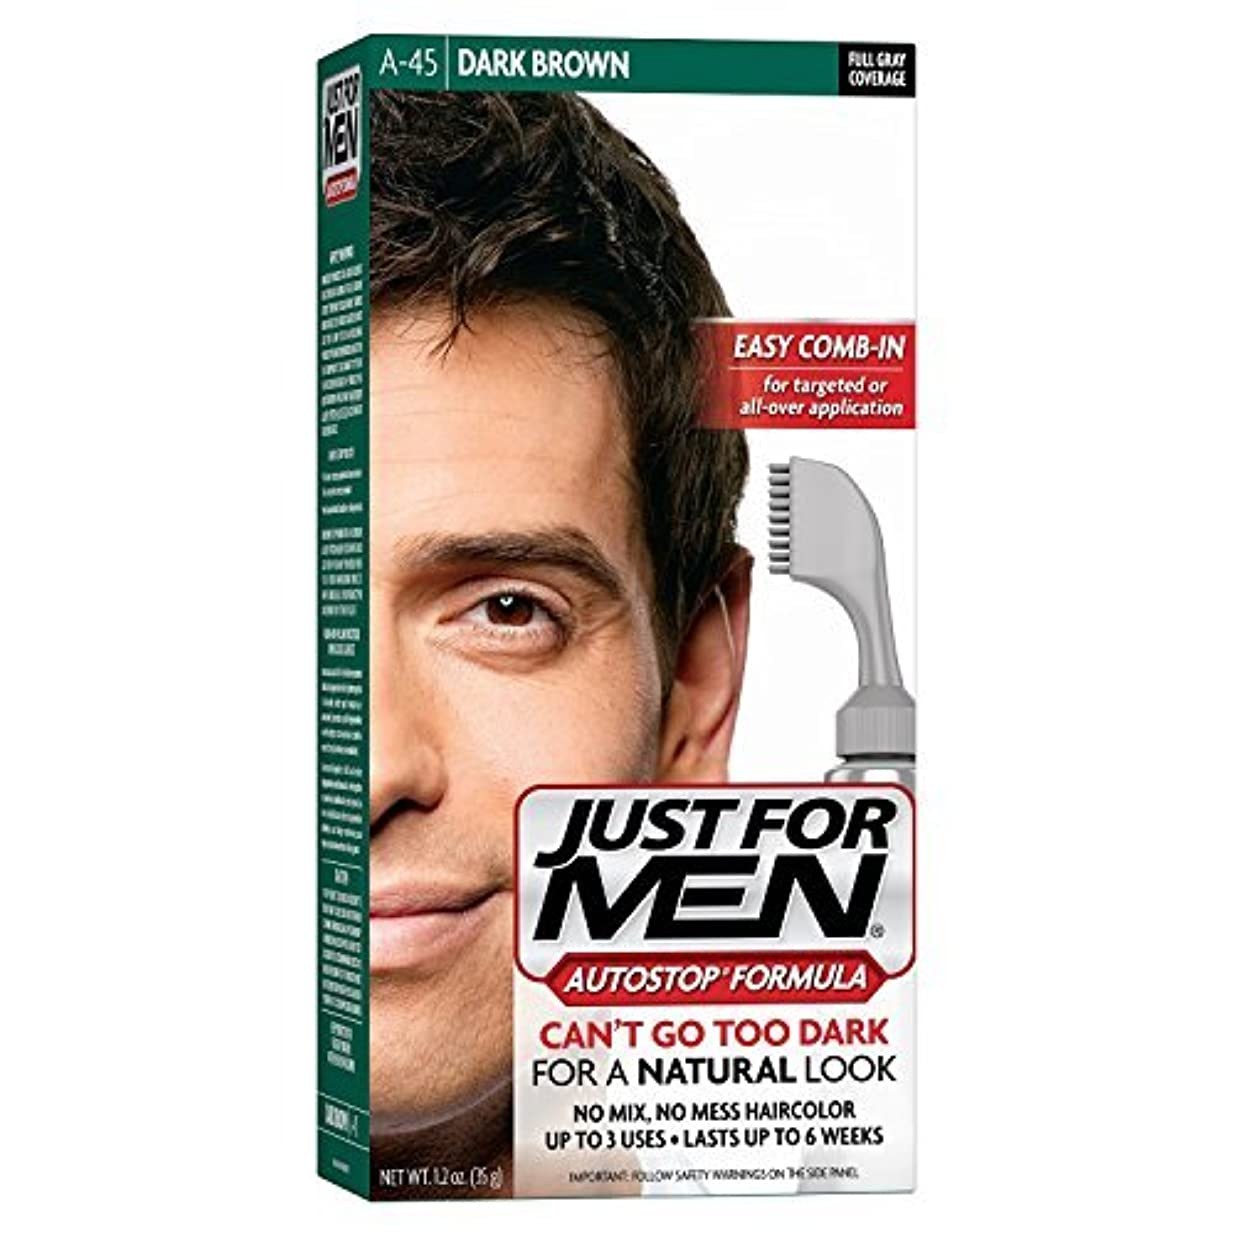 入植者可能性大事にするJust for Men -45ダークブラウンAUTOSTOP 1.2オンス 3パック